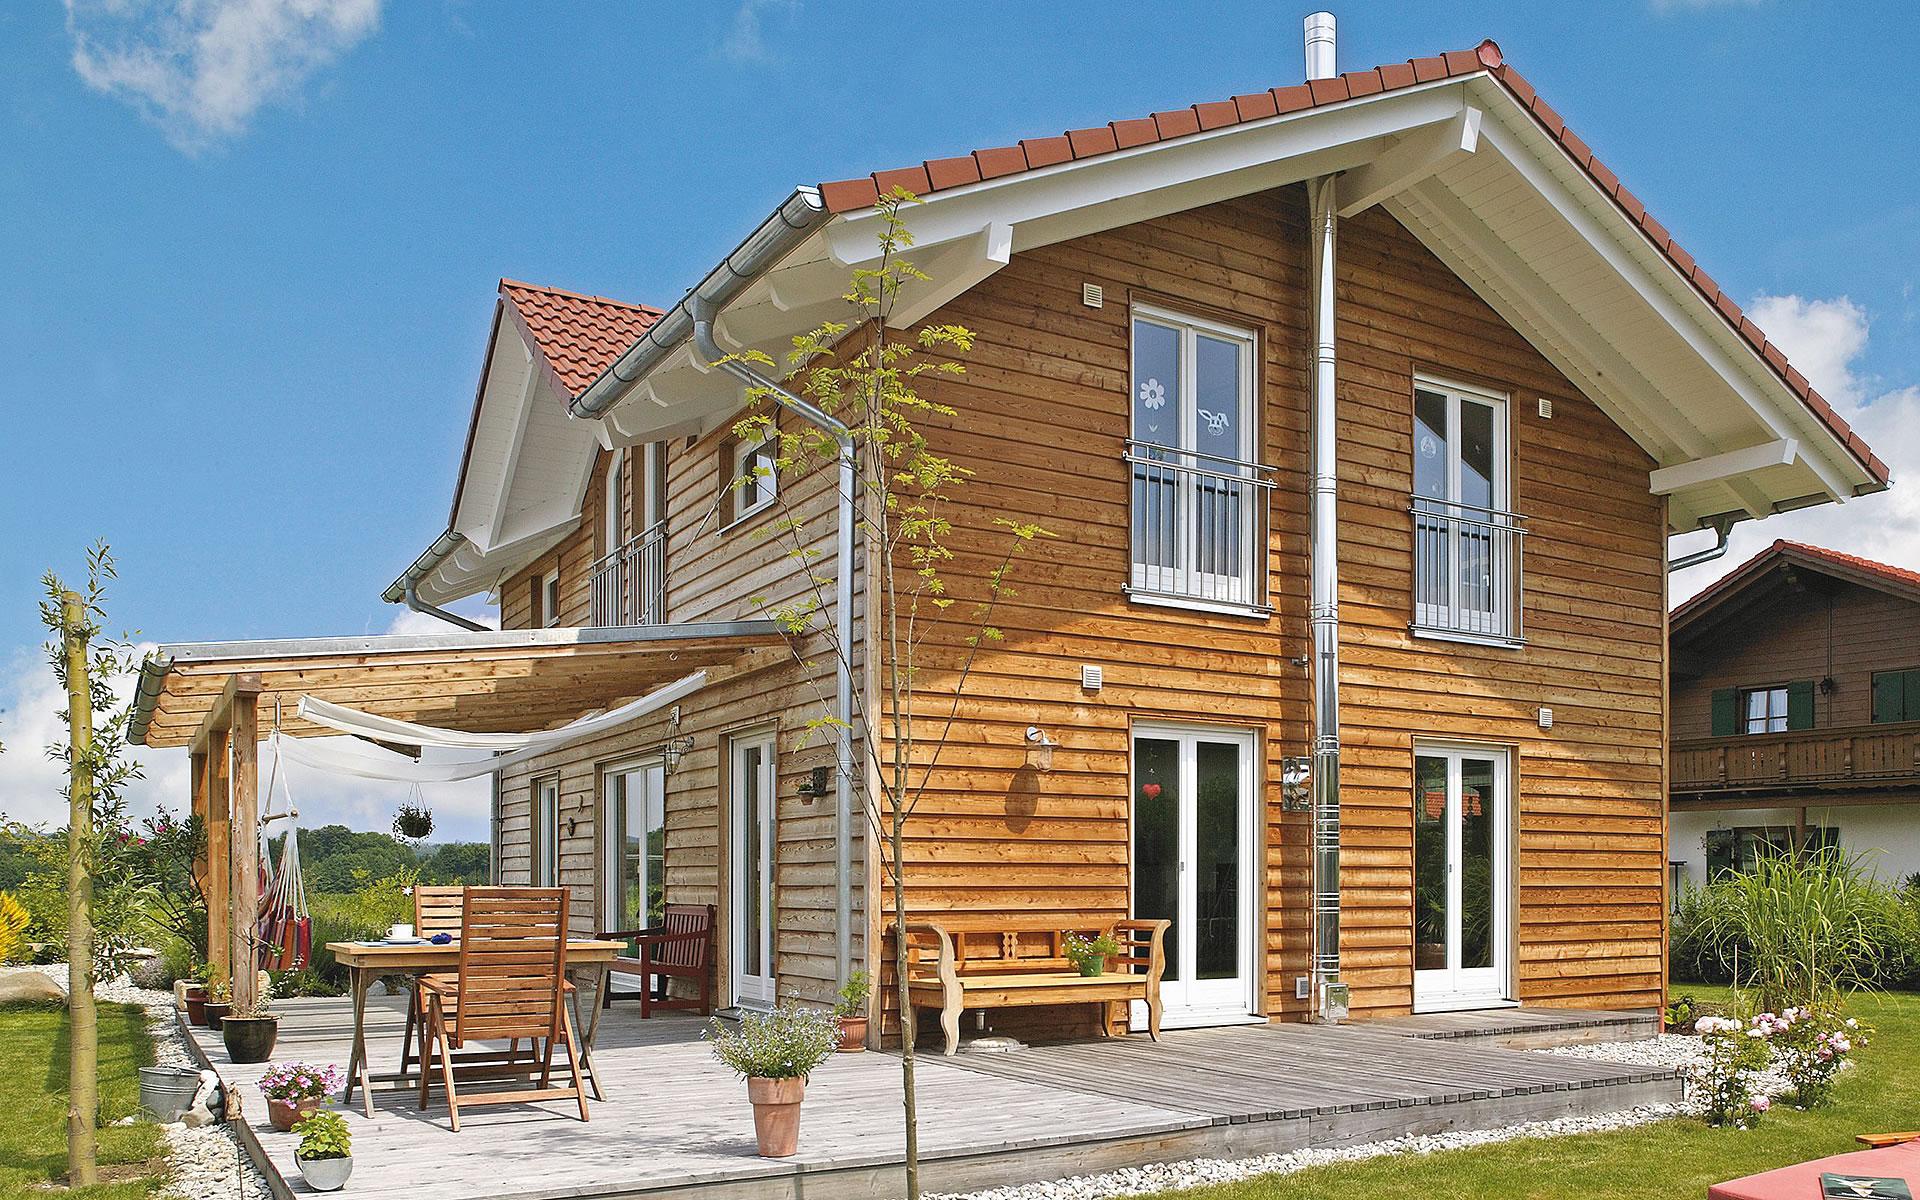 Jettenbach von Regnauer Hausbau GmbH & Co. KG